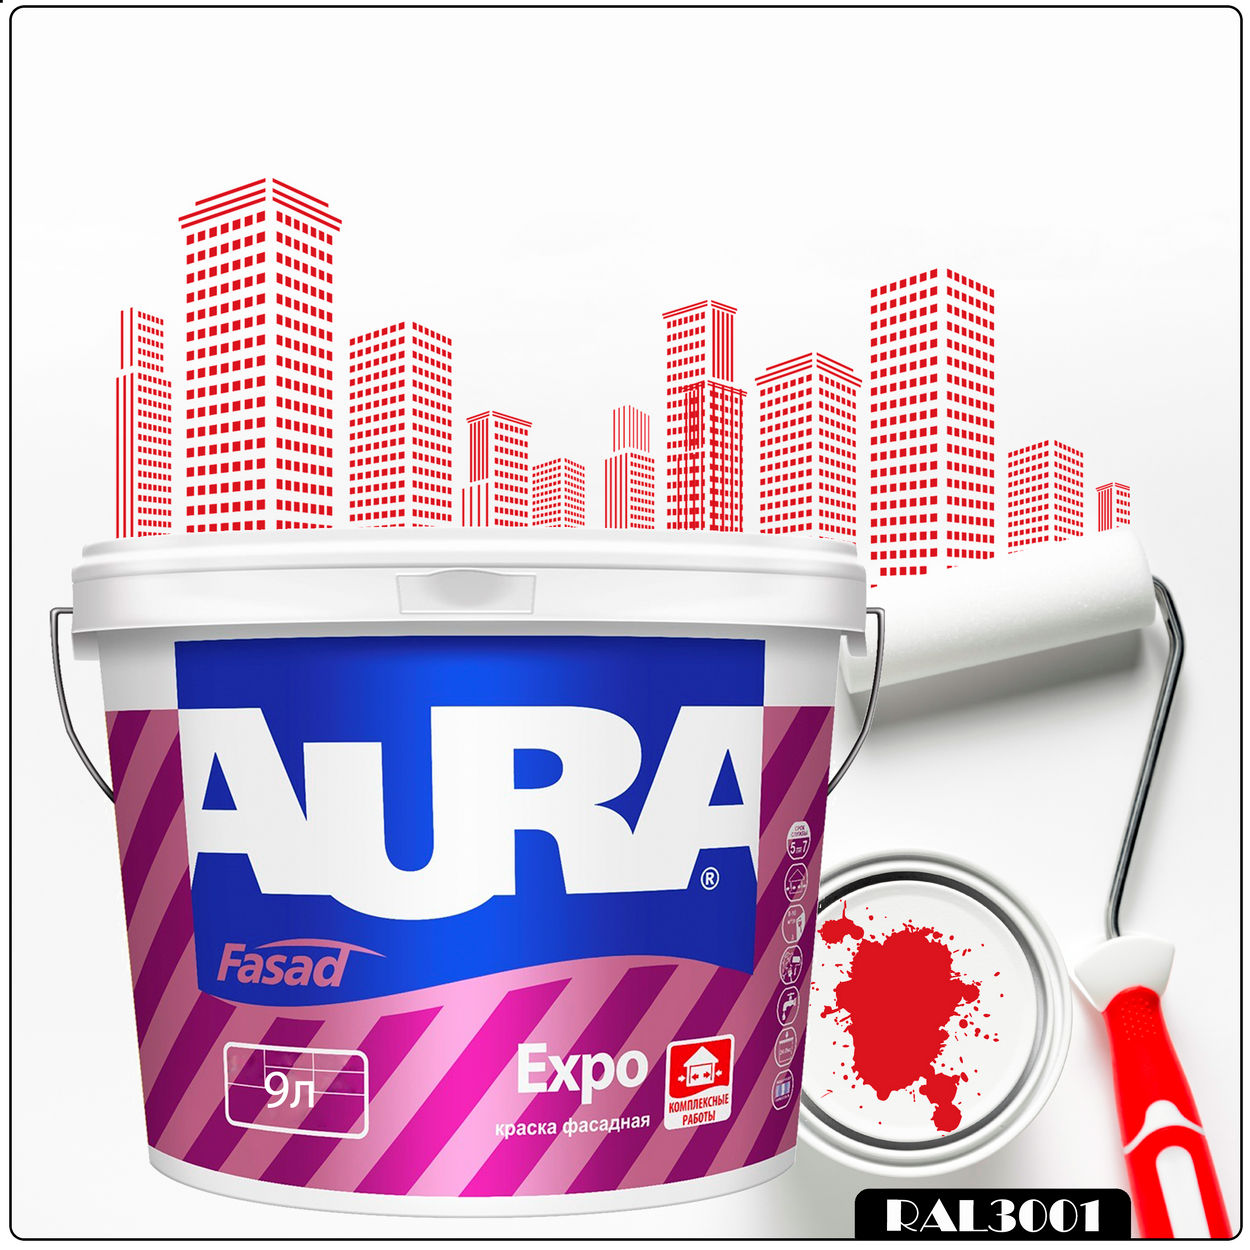 Фото 2 - Краска Aura Fasad Expo, RAL 3001 Сигнальный-красный, матовая, для фасадов и помещений с повышенной влажностью, 9л.